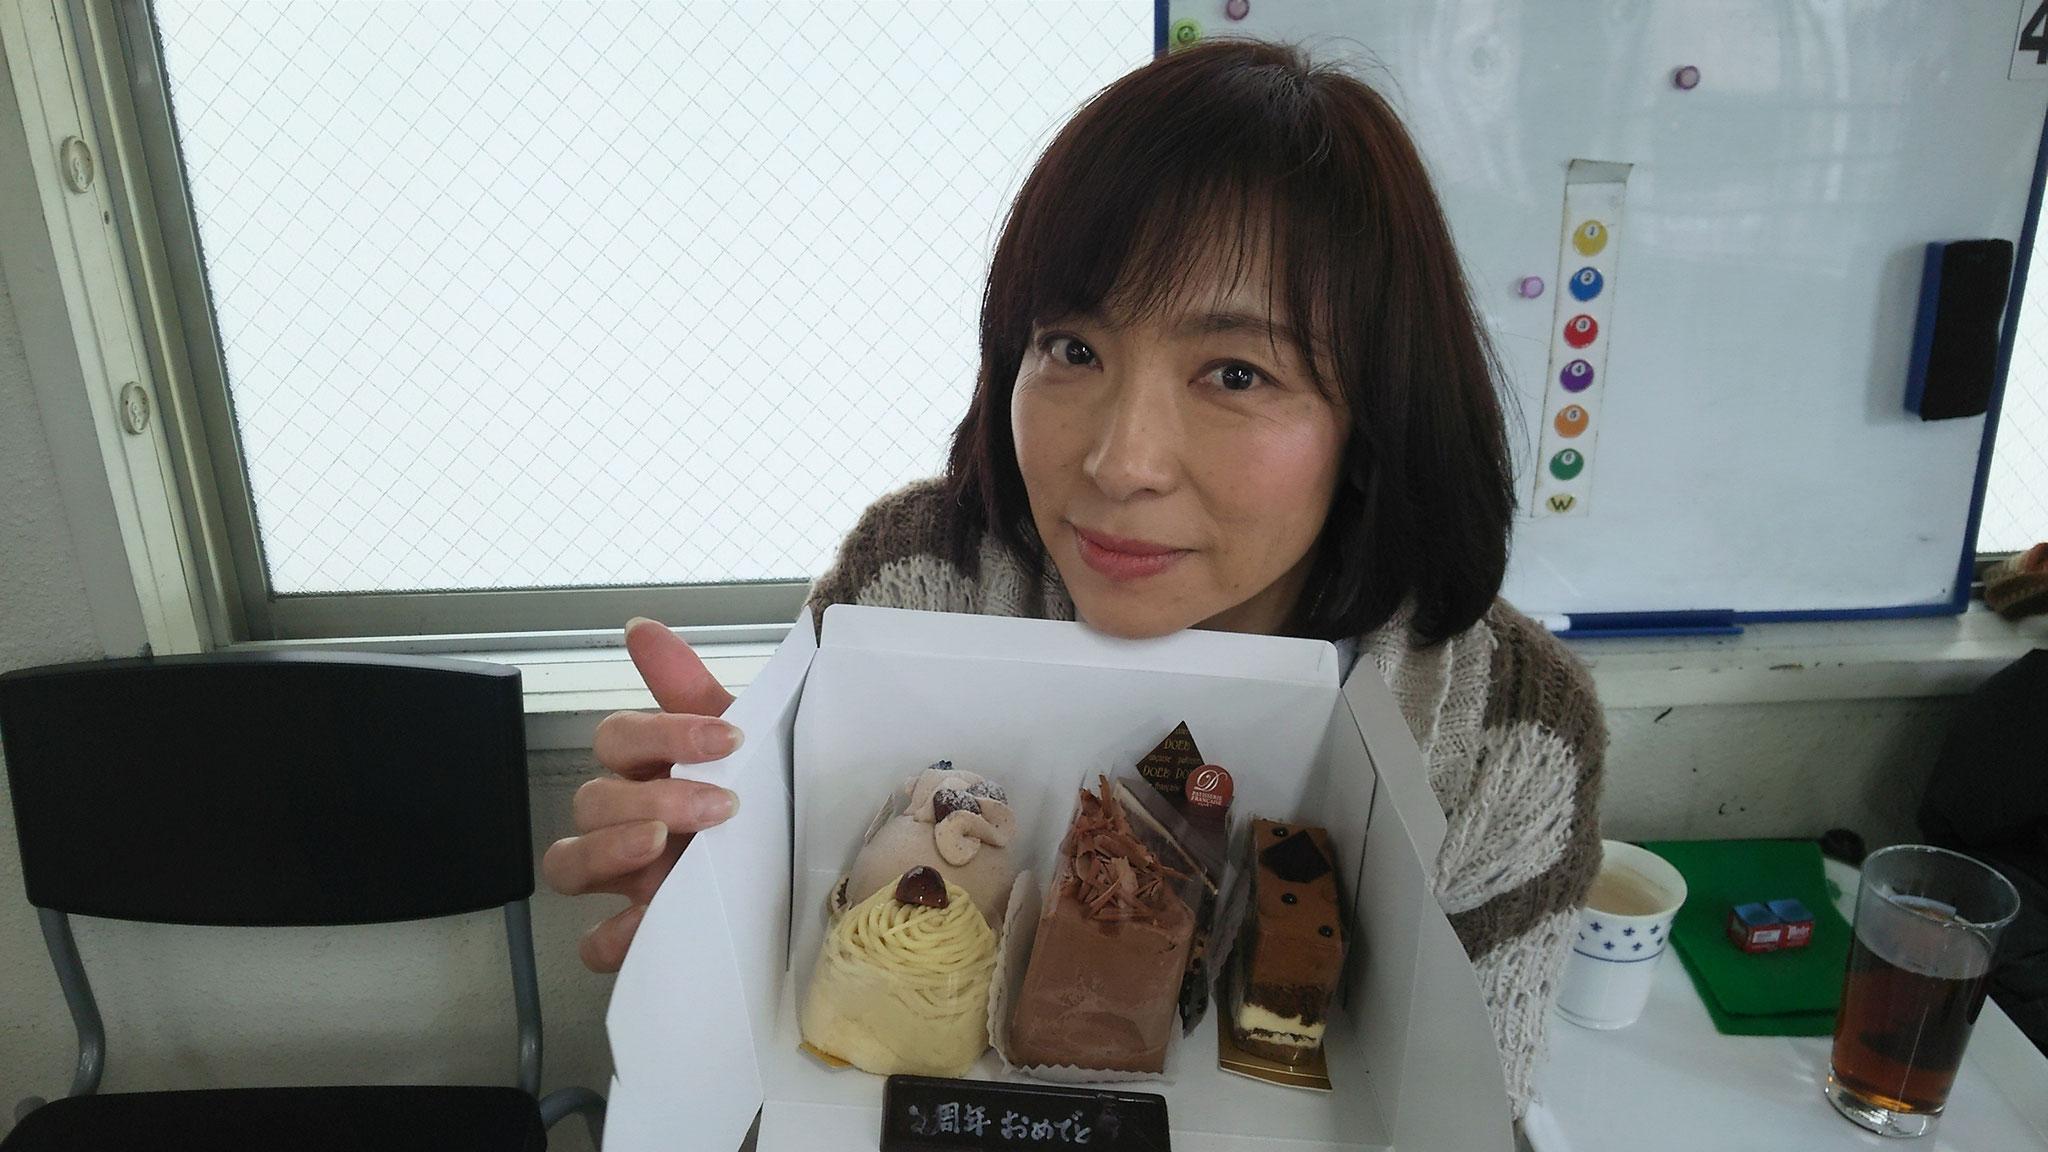 渡辺さんからのお祝いは、大好きなチョコケーキ。どれから食べようかな。